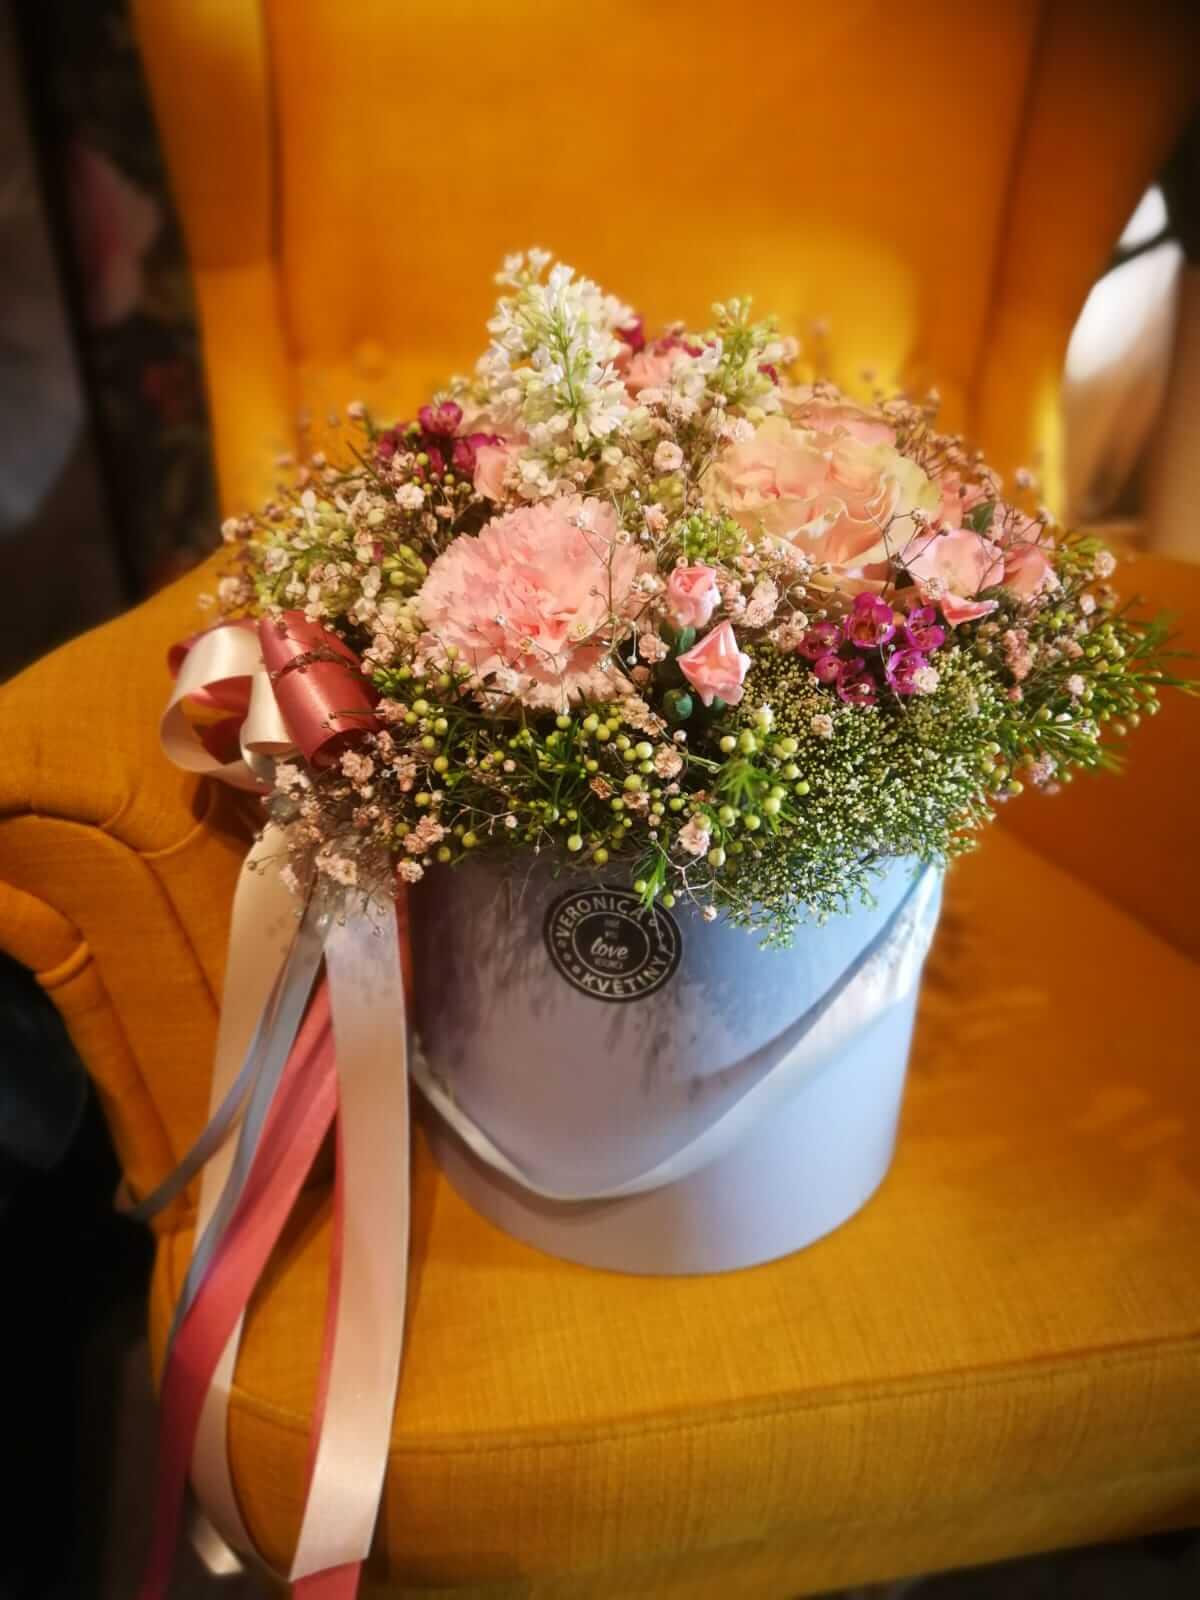 Kvetiny-Veronica-Kladno-11